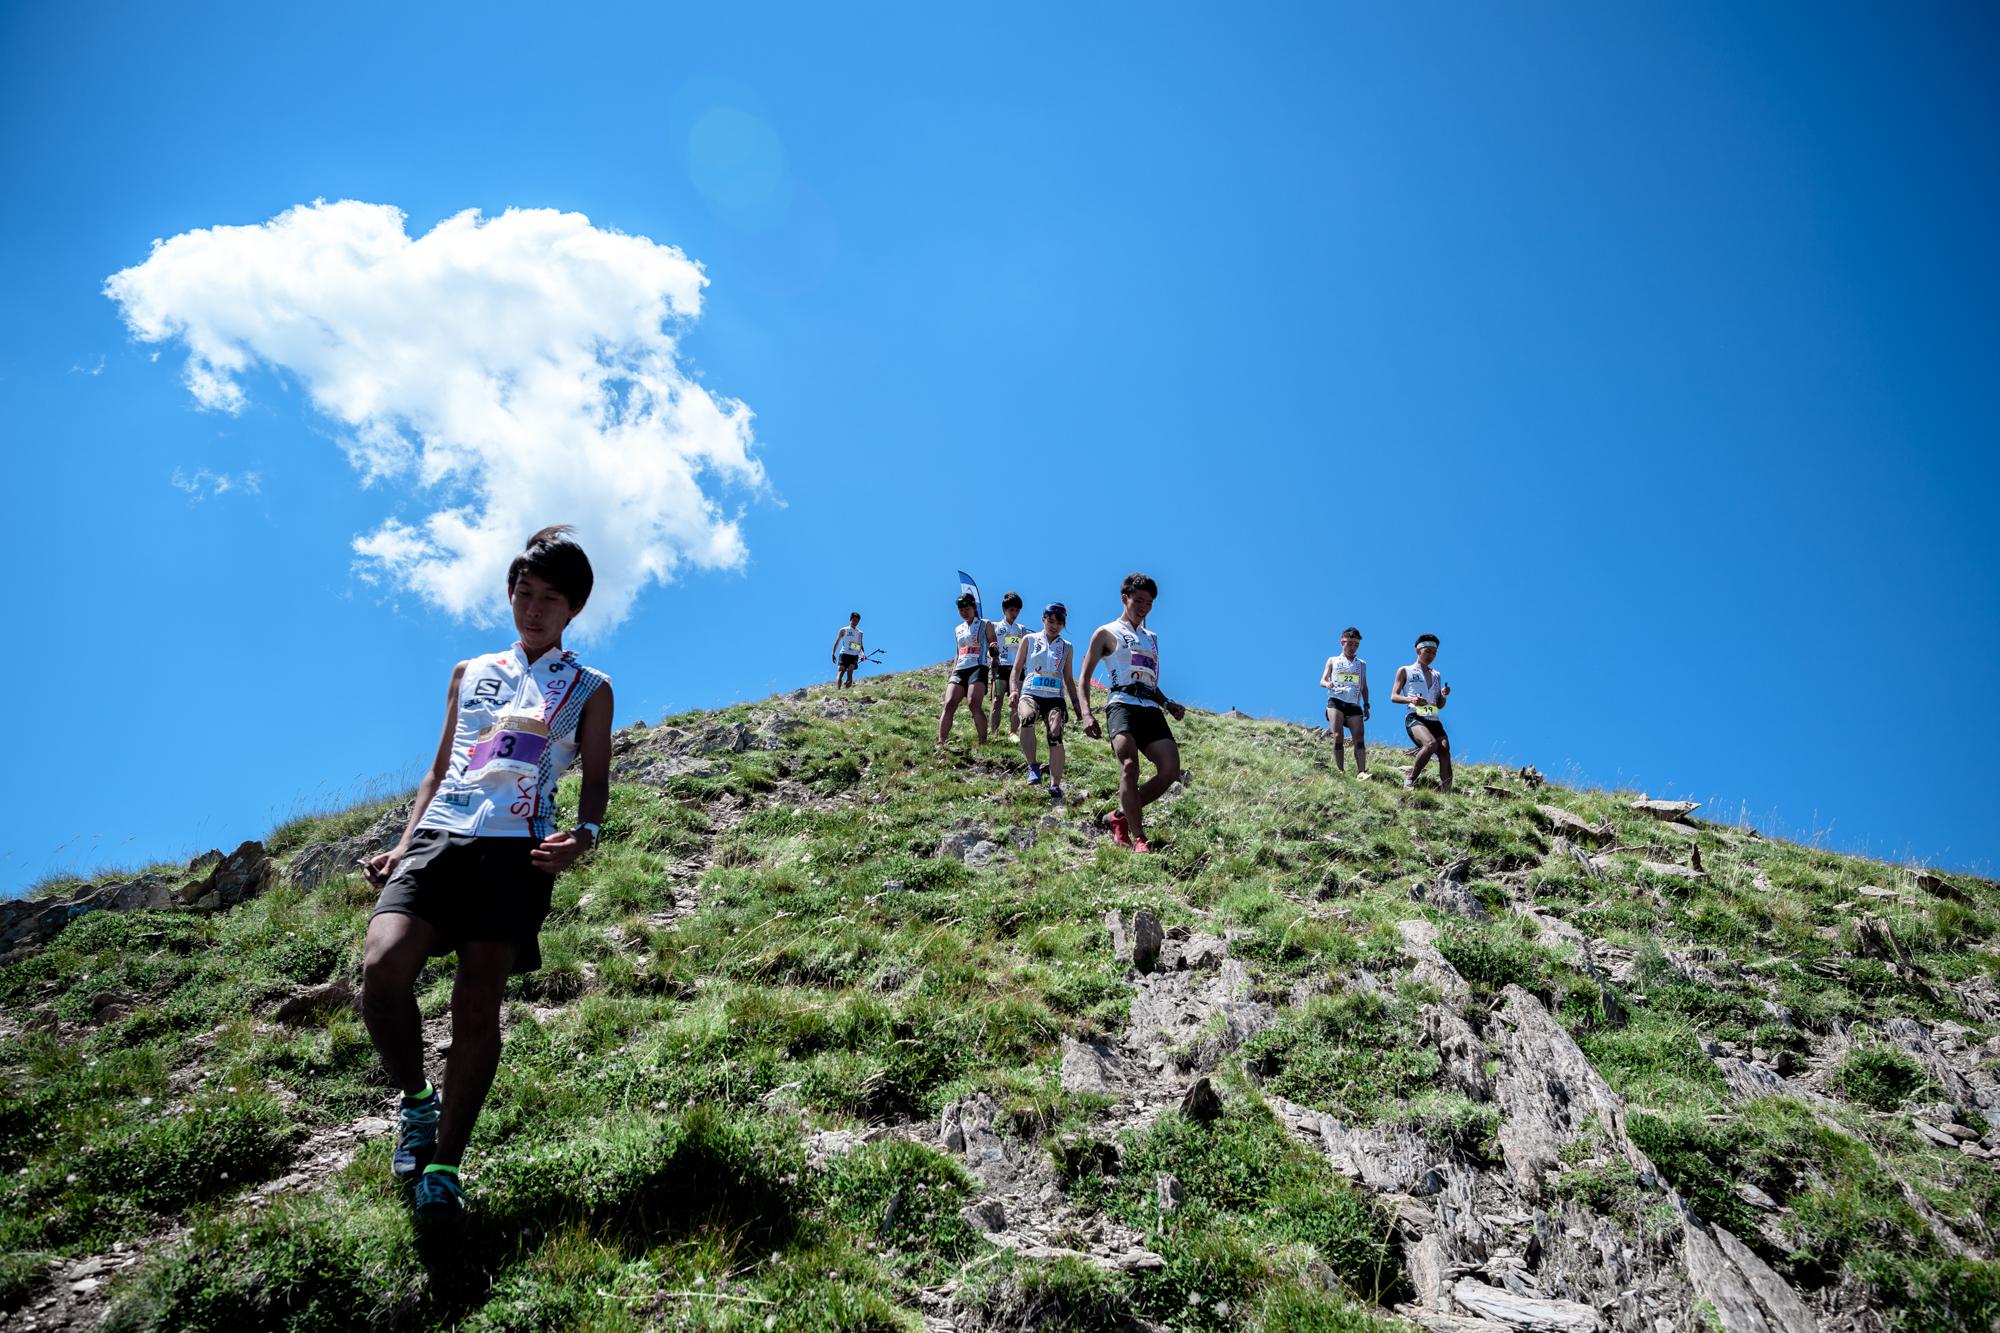 レース後に下る日本の選手たち。遮るものの無い、まさにスカイランニングというフィールド 🄫NAGI MUROFUSHI